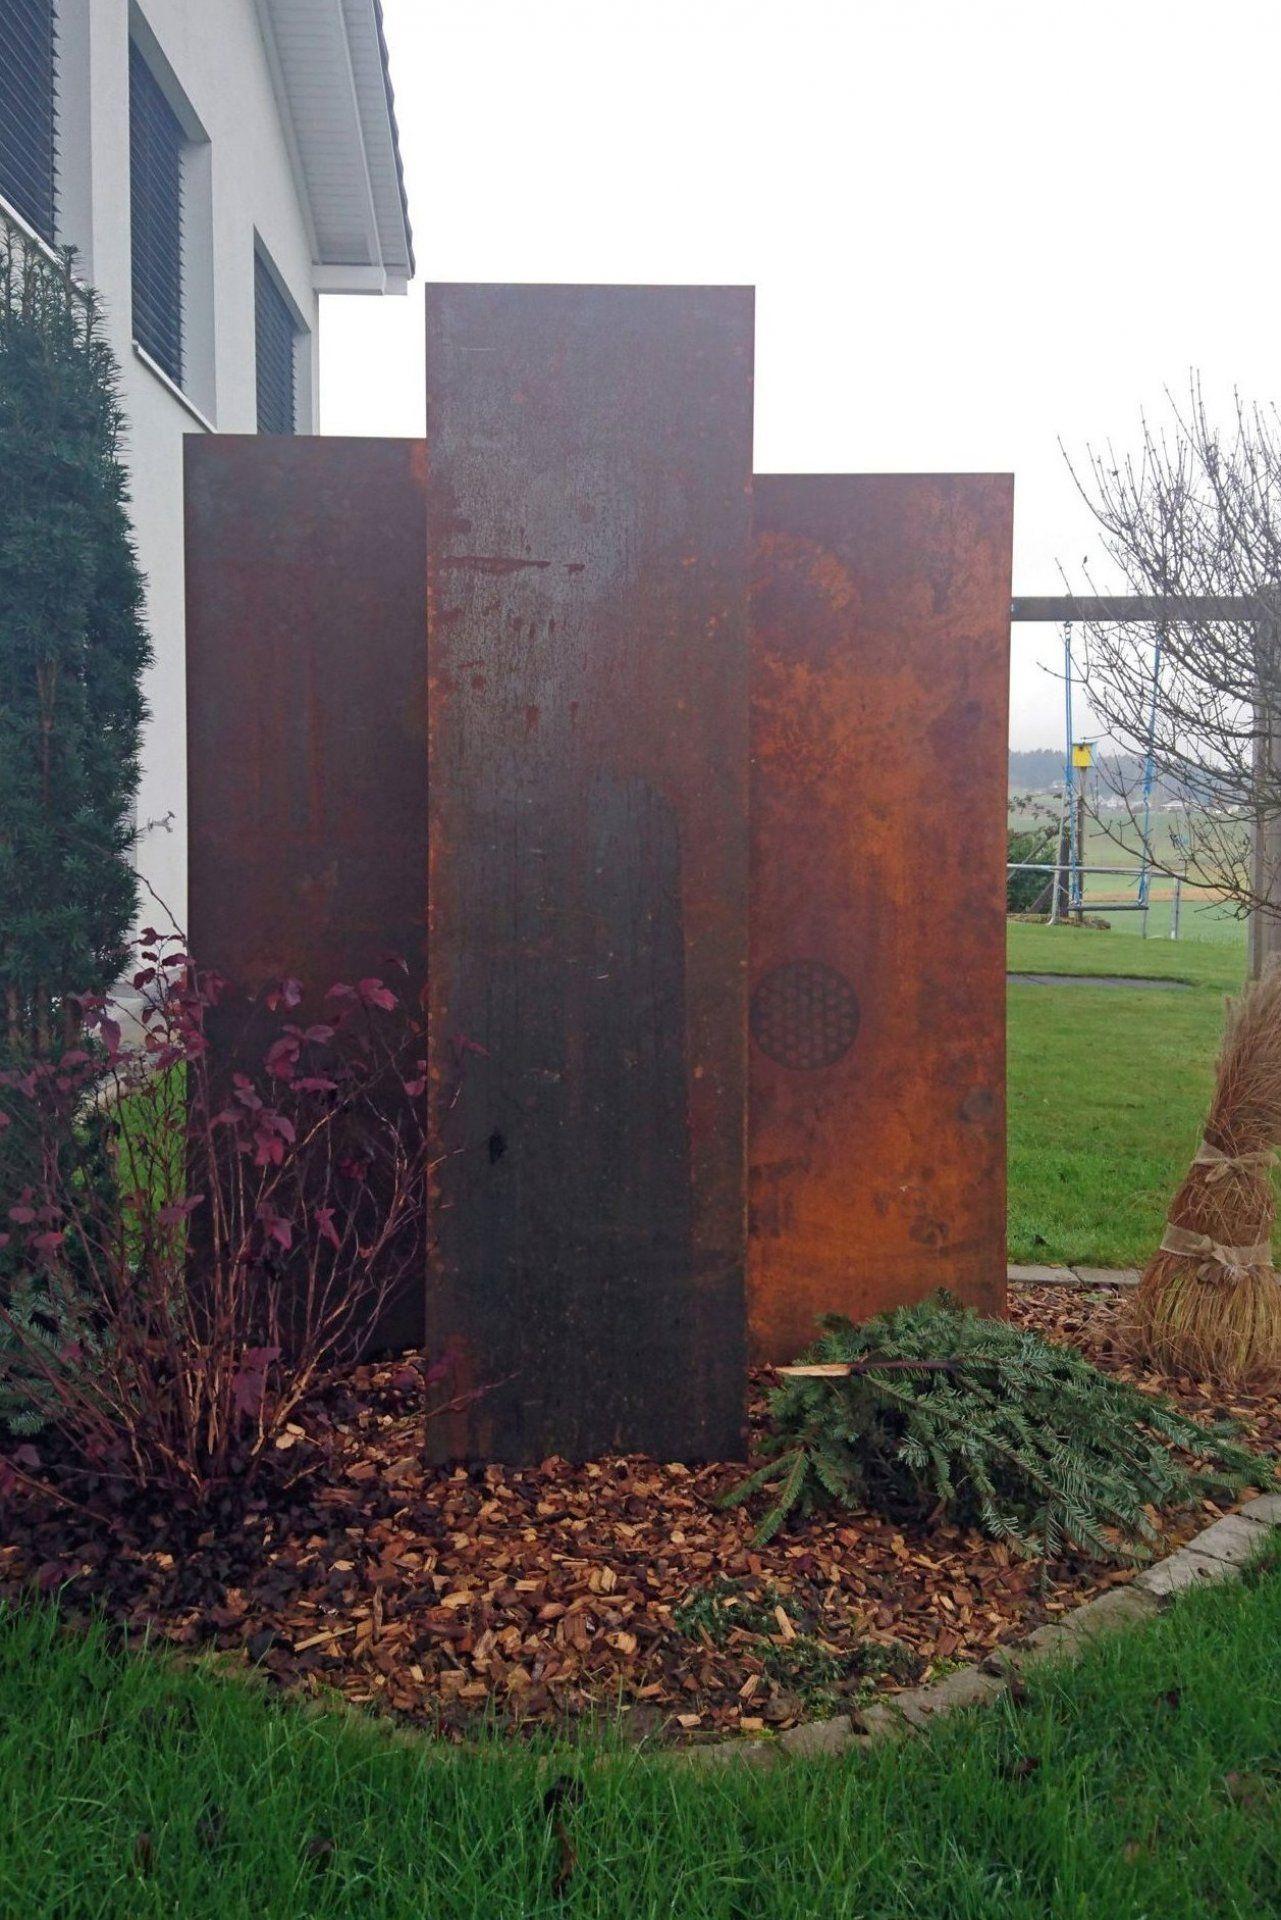 Panello Sichtschutzstelen Aus Cortenstahl Muro Sichtschutz Sichtschutzwand Cortenstahl Corten Handwerk In 2020 Landscape Walls Garden Design Front Landscaping